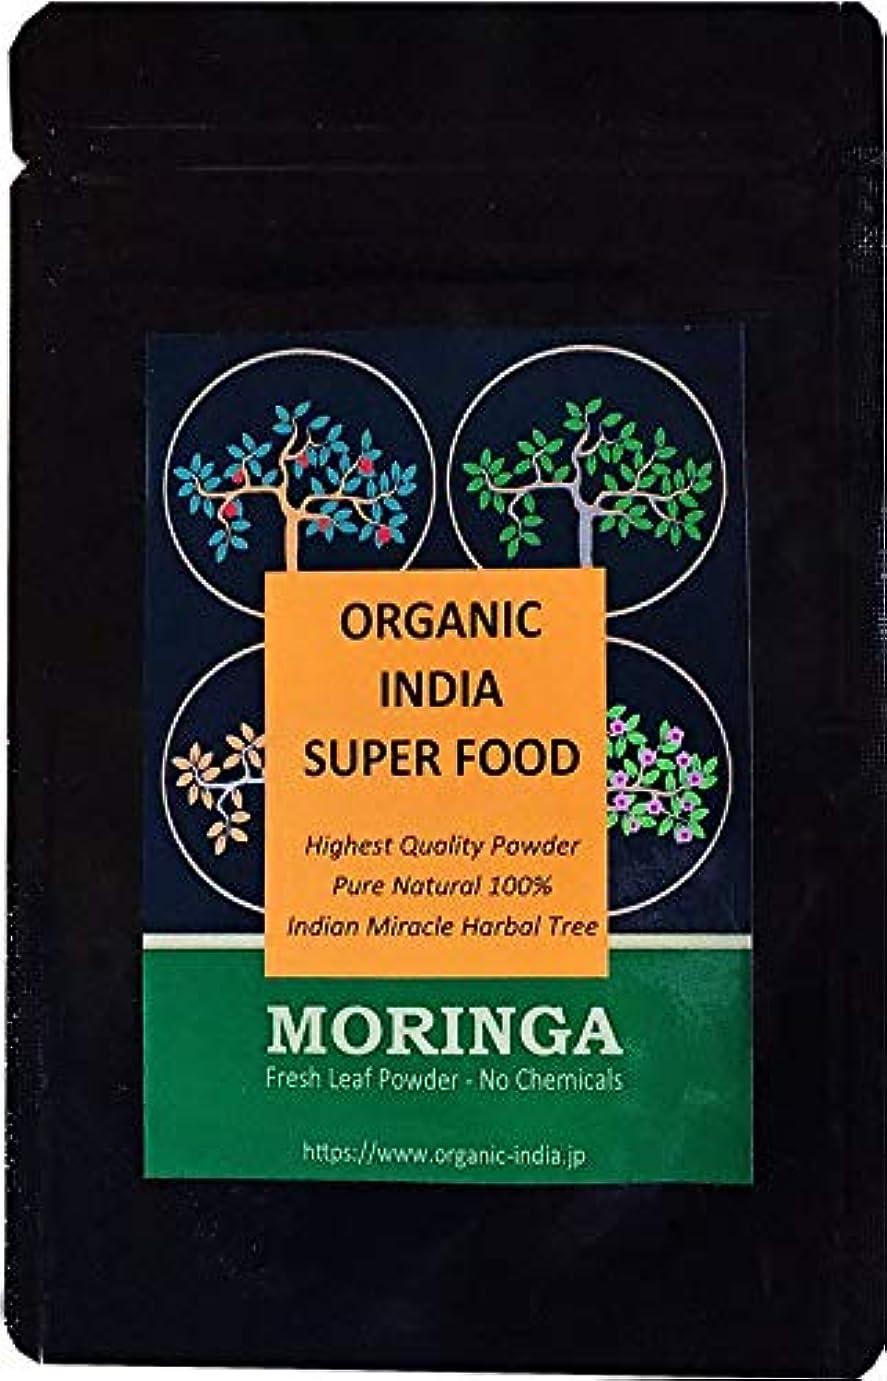 乱用ポーズレモンオーガニックインド スーパーフード モリンガサプリメント 2か月分 300粒 無添加 無農薬 オーガニック認証 日本製造